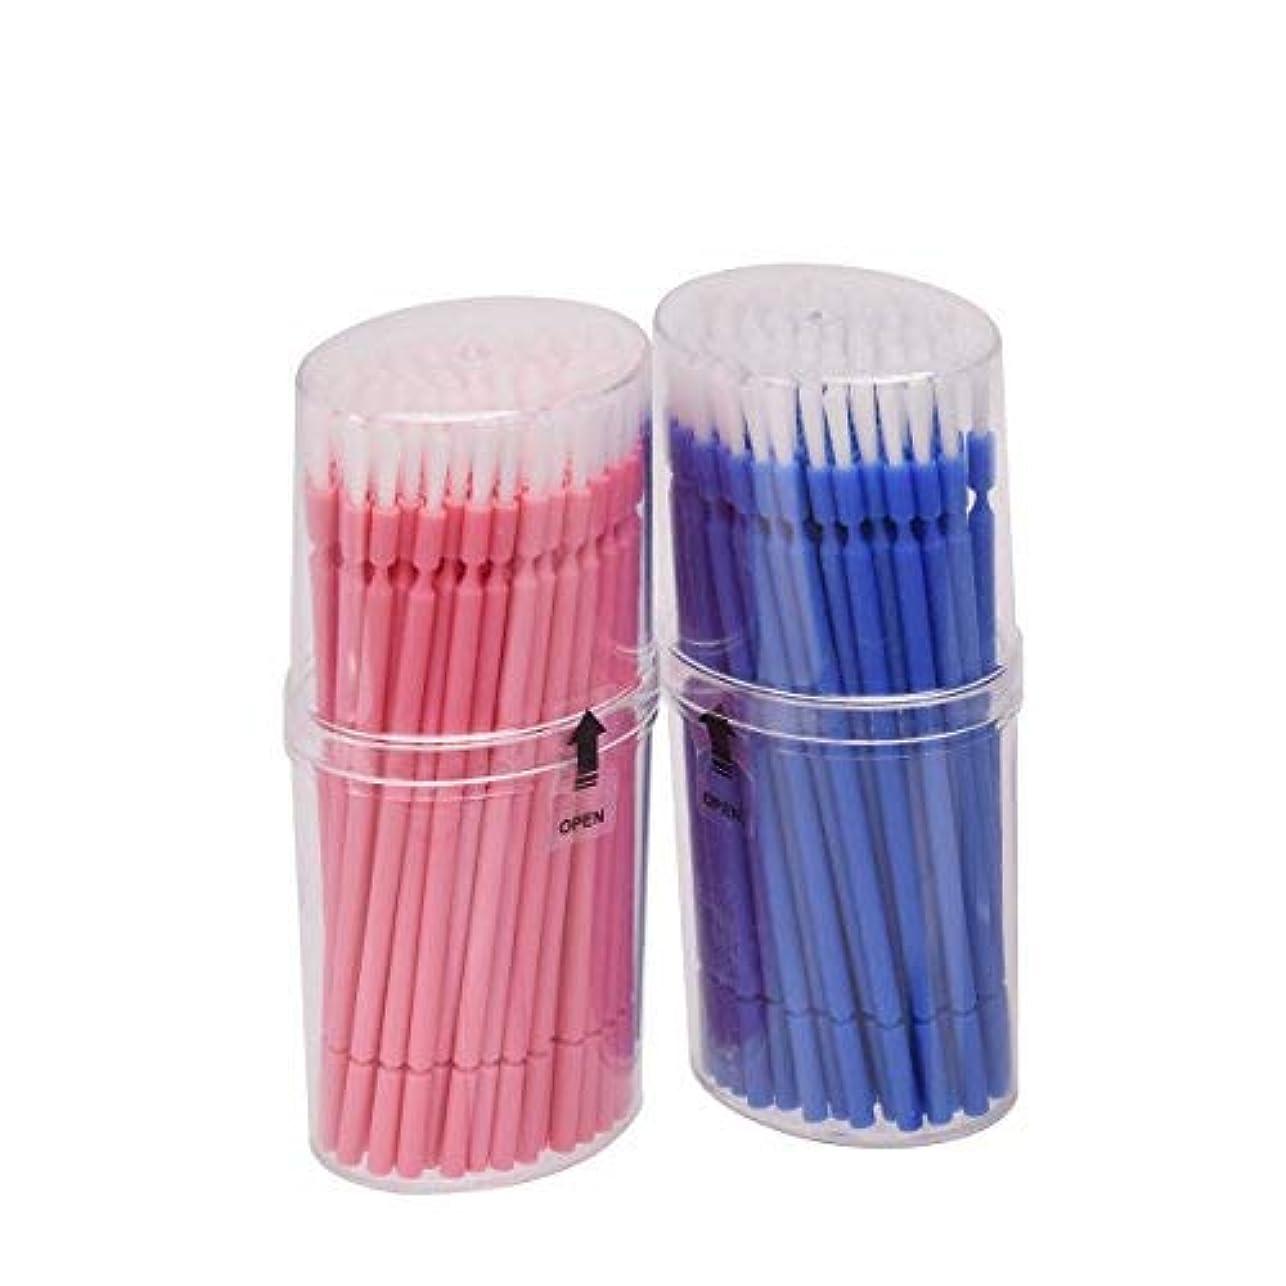 その間めんどり裸マイクブラシ 歯科ブラシ 精密機器の細部の清掃など 幅広く使える 使い捨て 4 * 100=400本入り Annhua